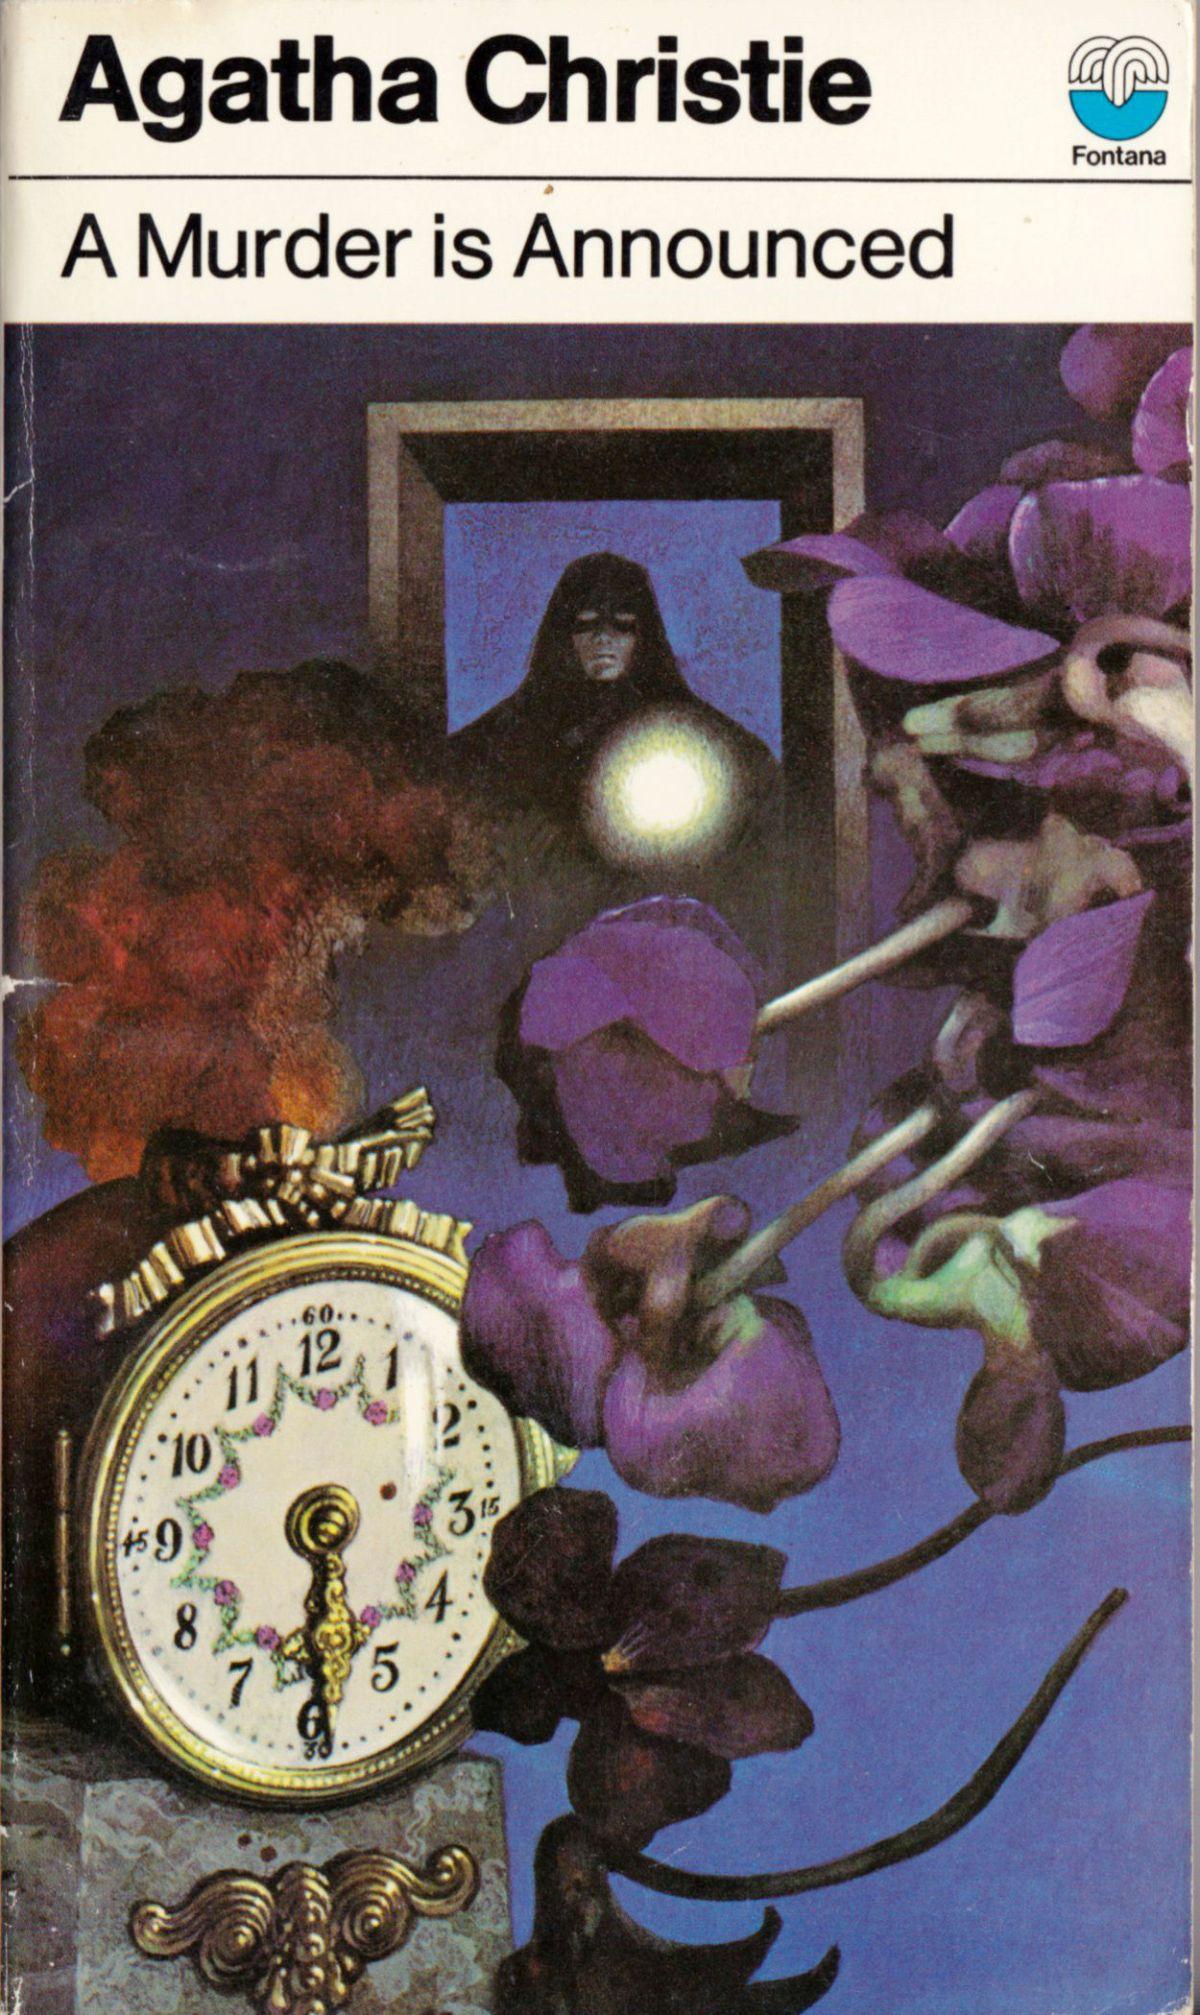 Agatha Christie Tom Adams A Murder Is Announced Fontana 1974